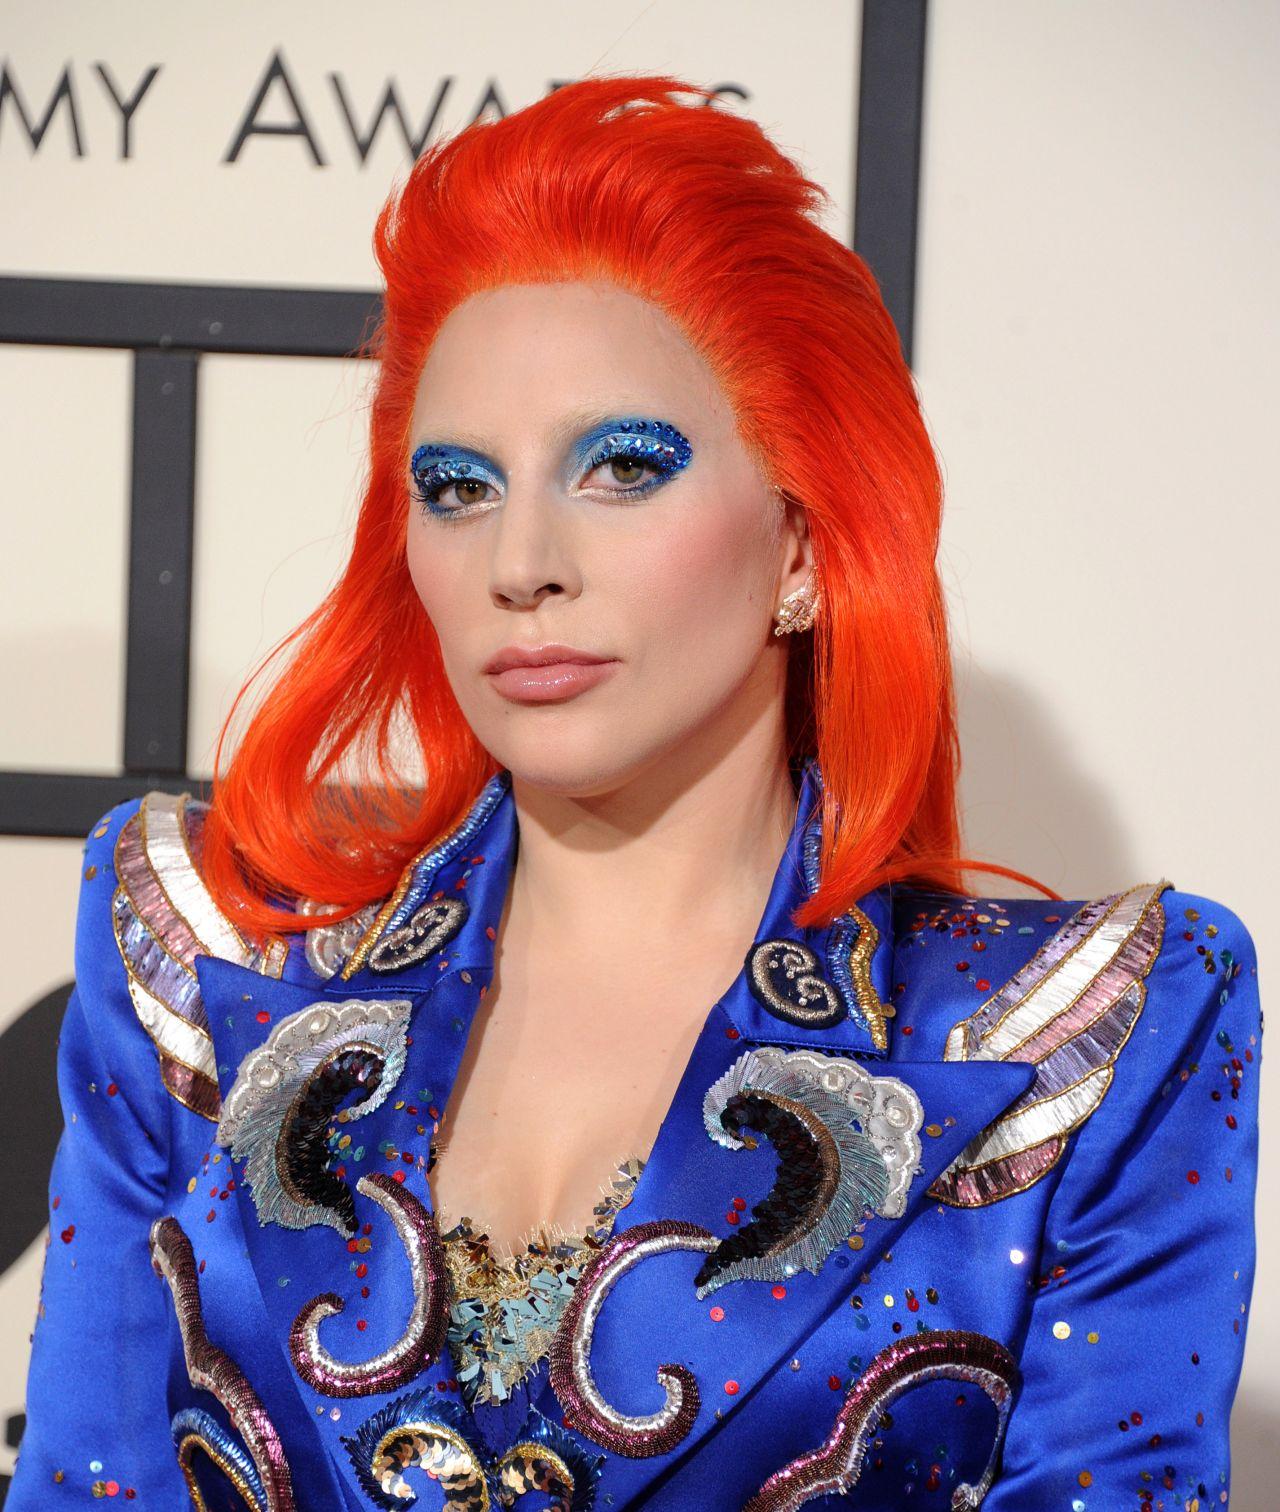 Lady Gaga – 2016 Grammy Awards in Los Angeles, CA